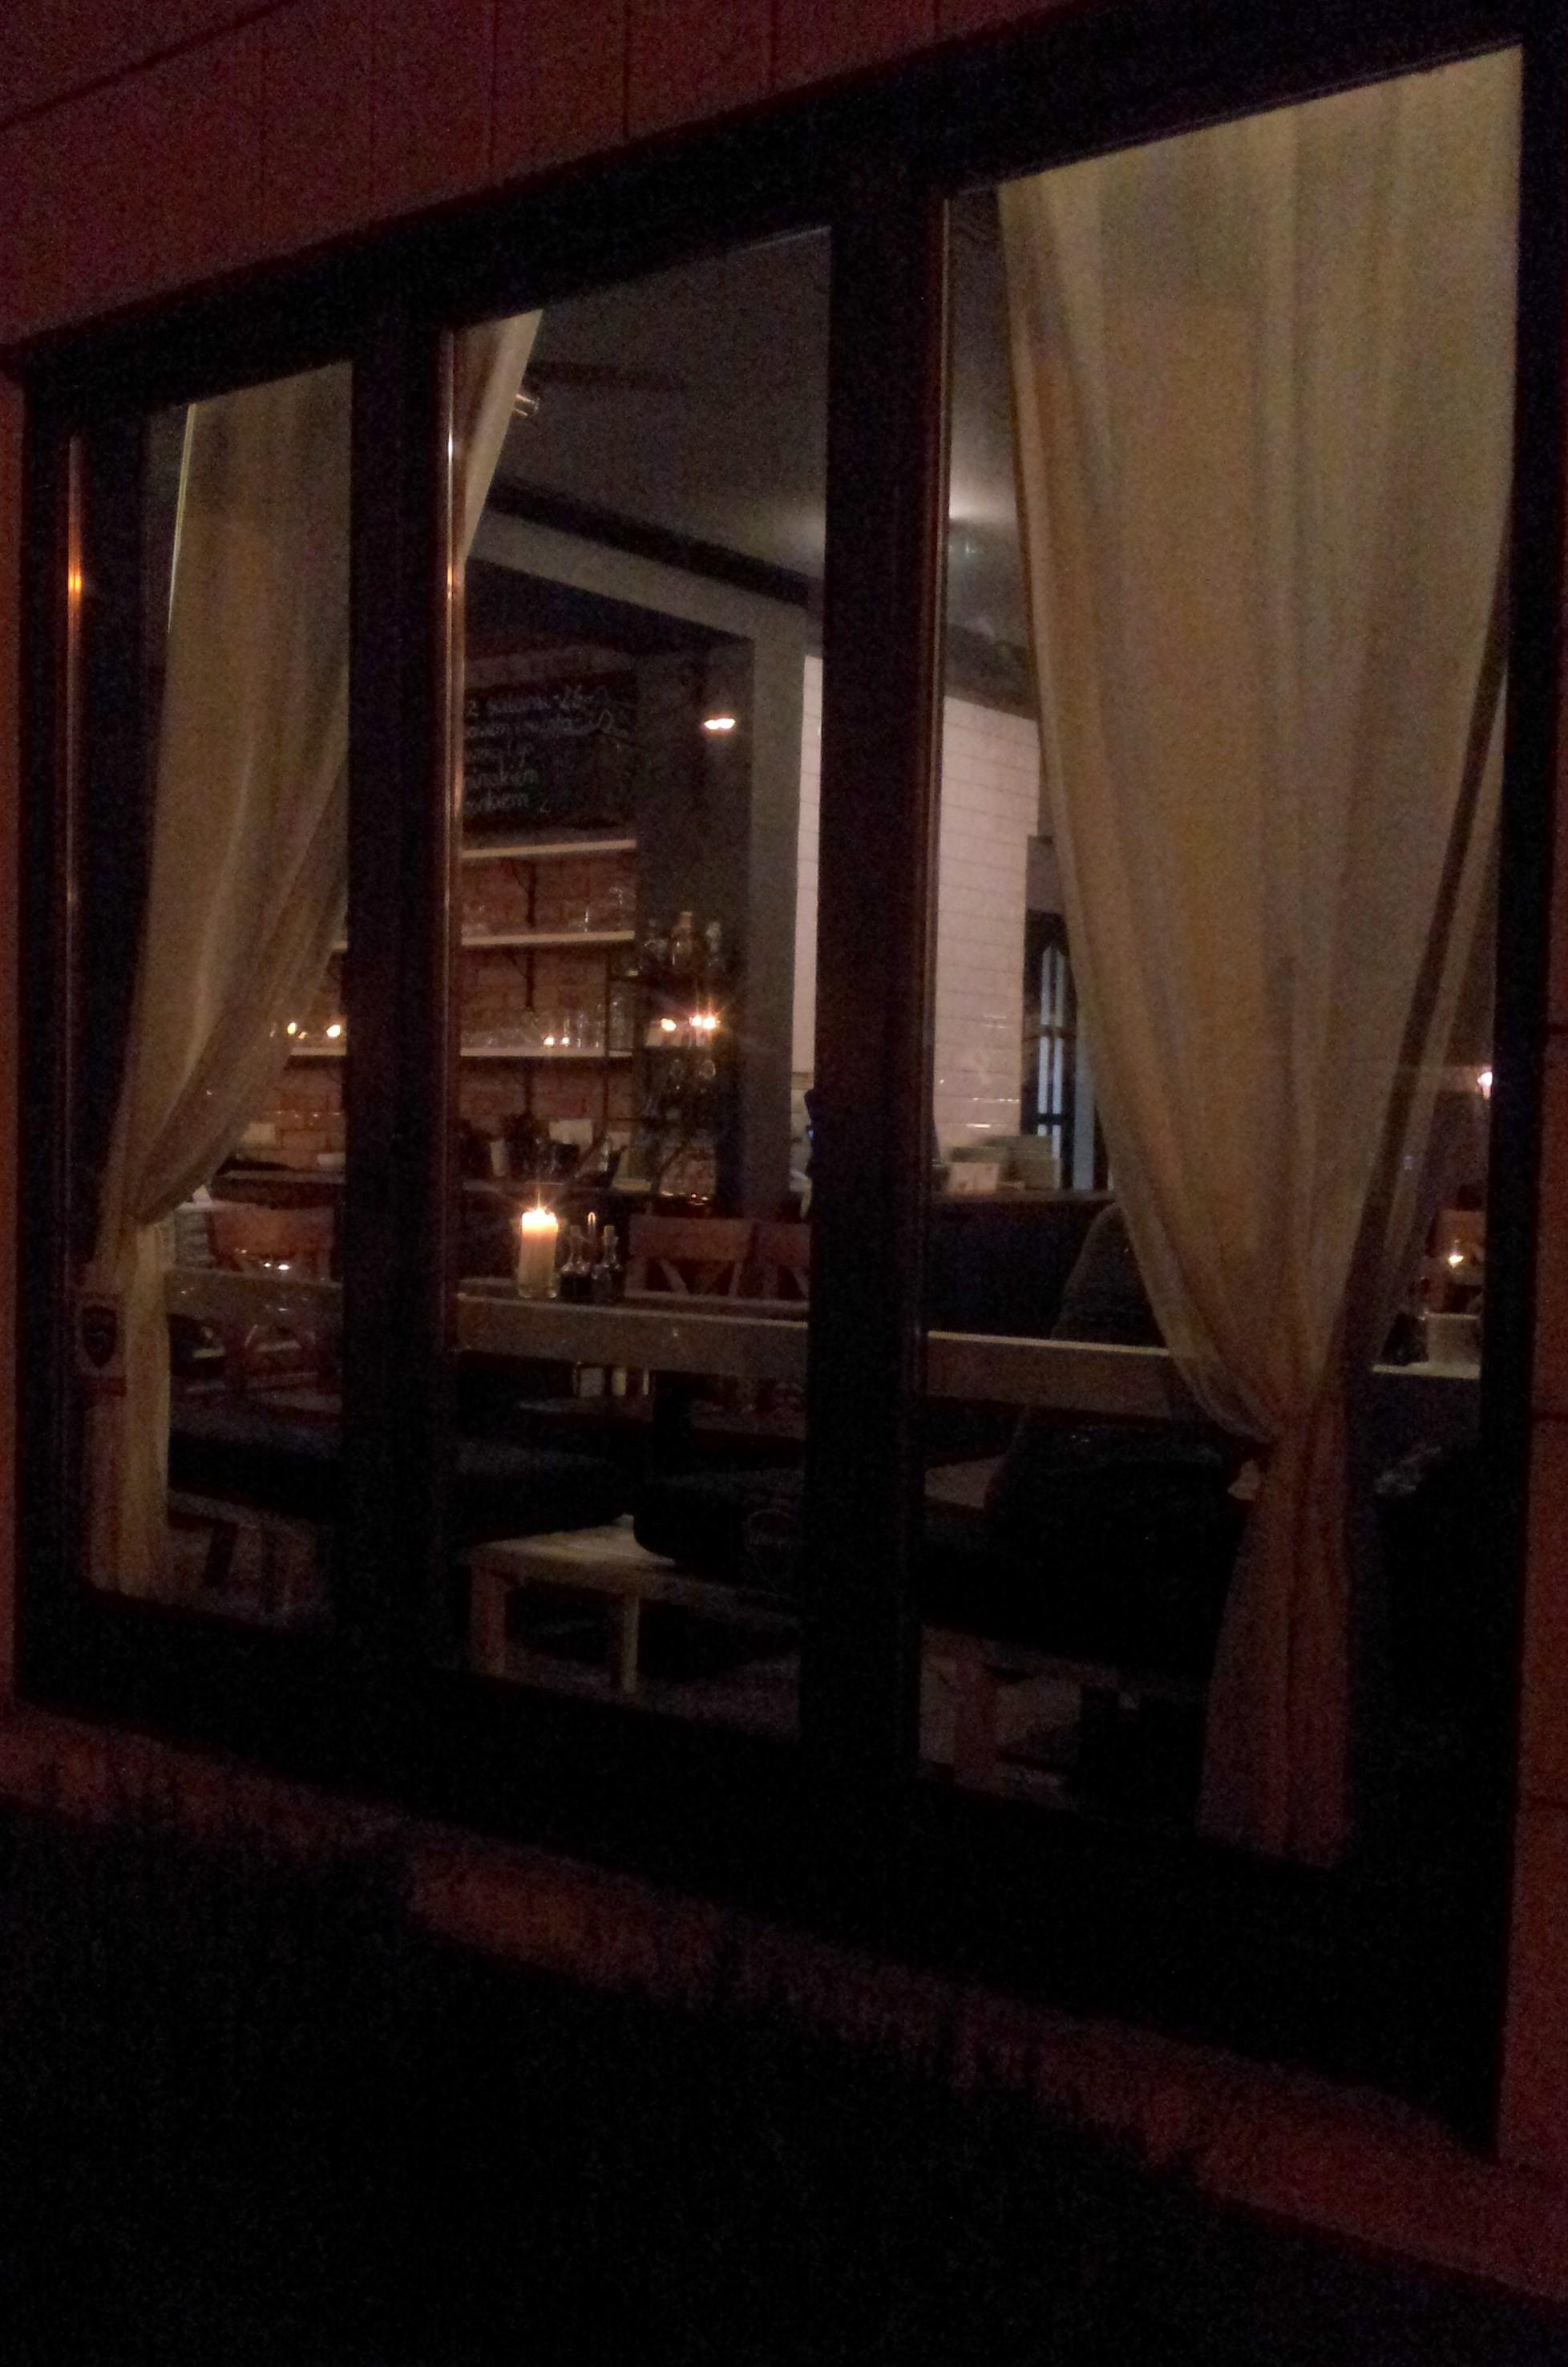 restauracja żoliborz Bielsko-Biała